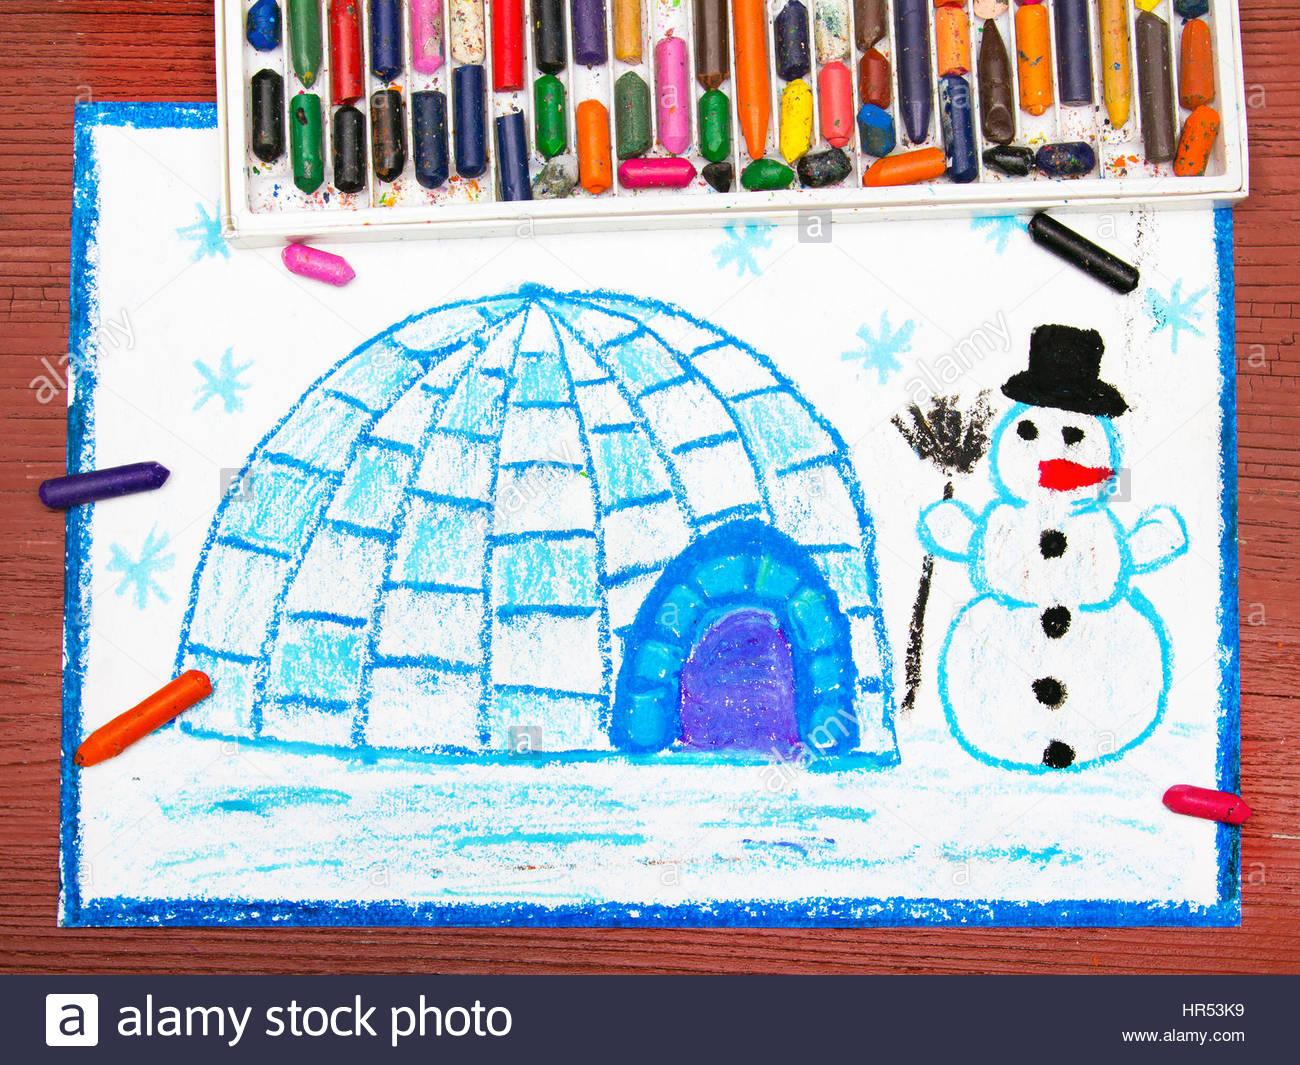 Dessin Coloré : Paysage D'hiver, L'igloo Et Le Snowman dedans Dessin De Paysage D Hiver